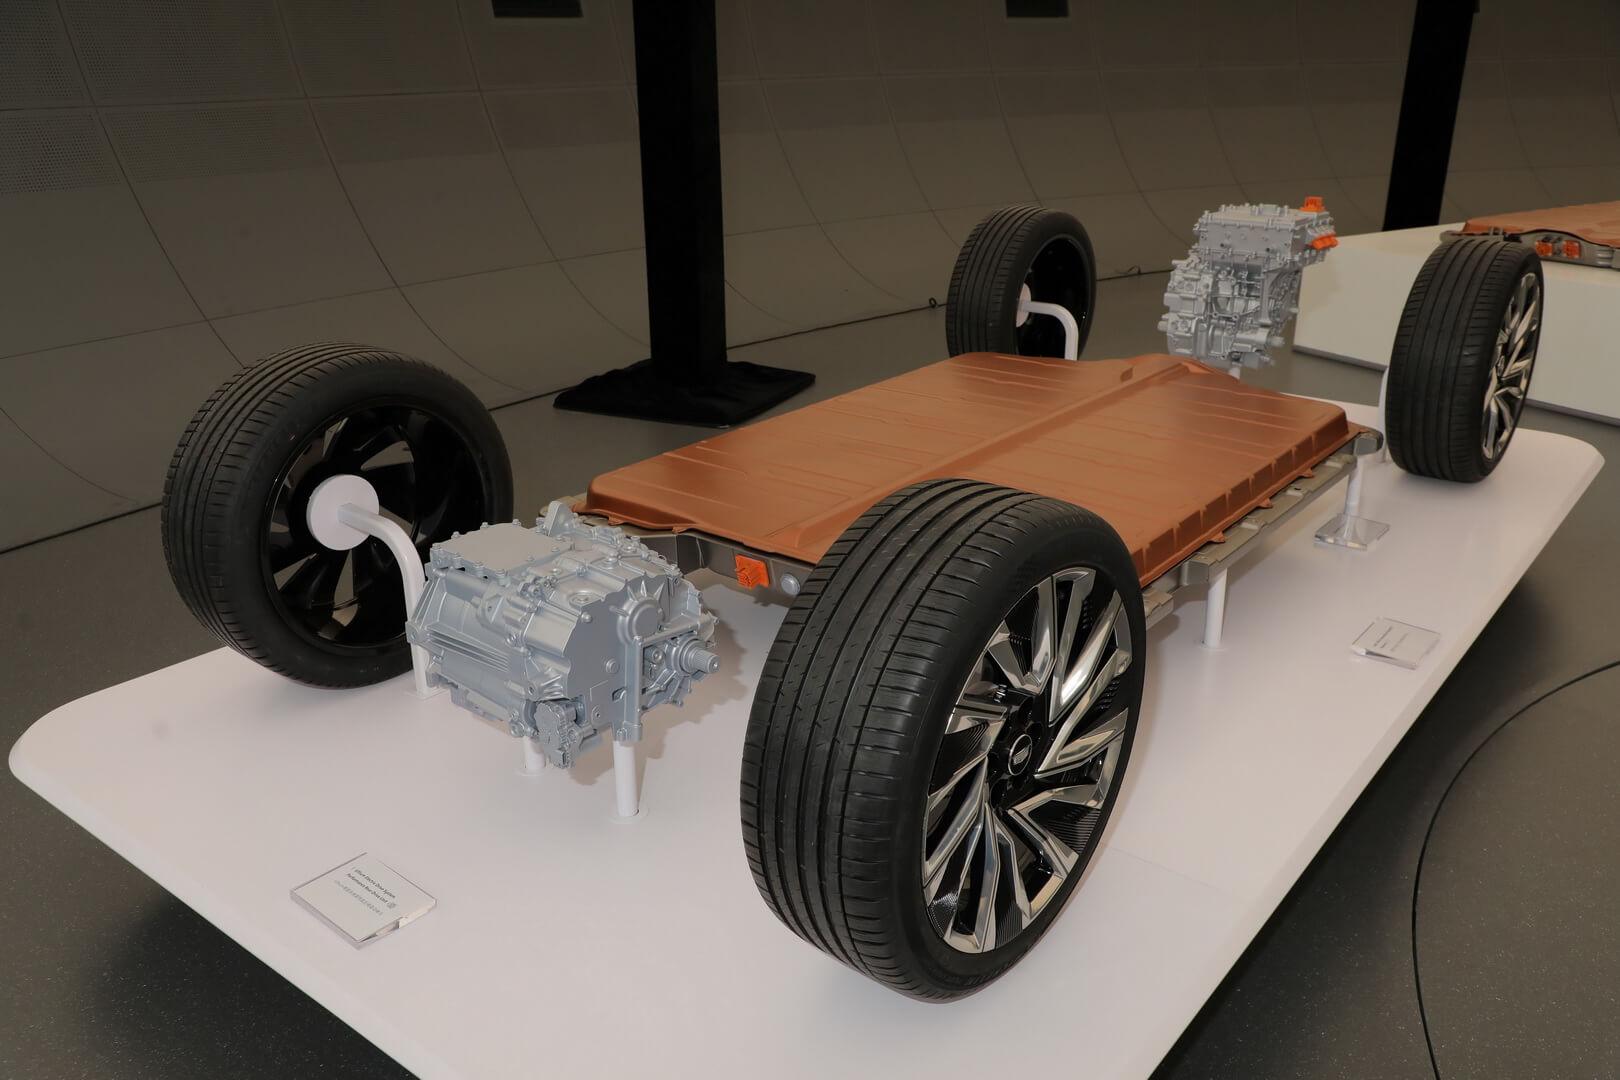 Глобальная платформа электромобилей GM третьего поколения и аккумуляторная система Ultium